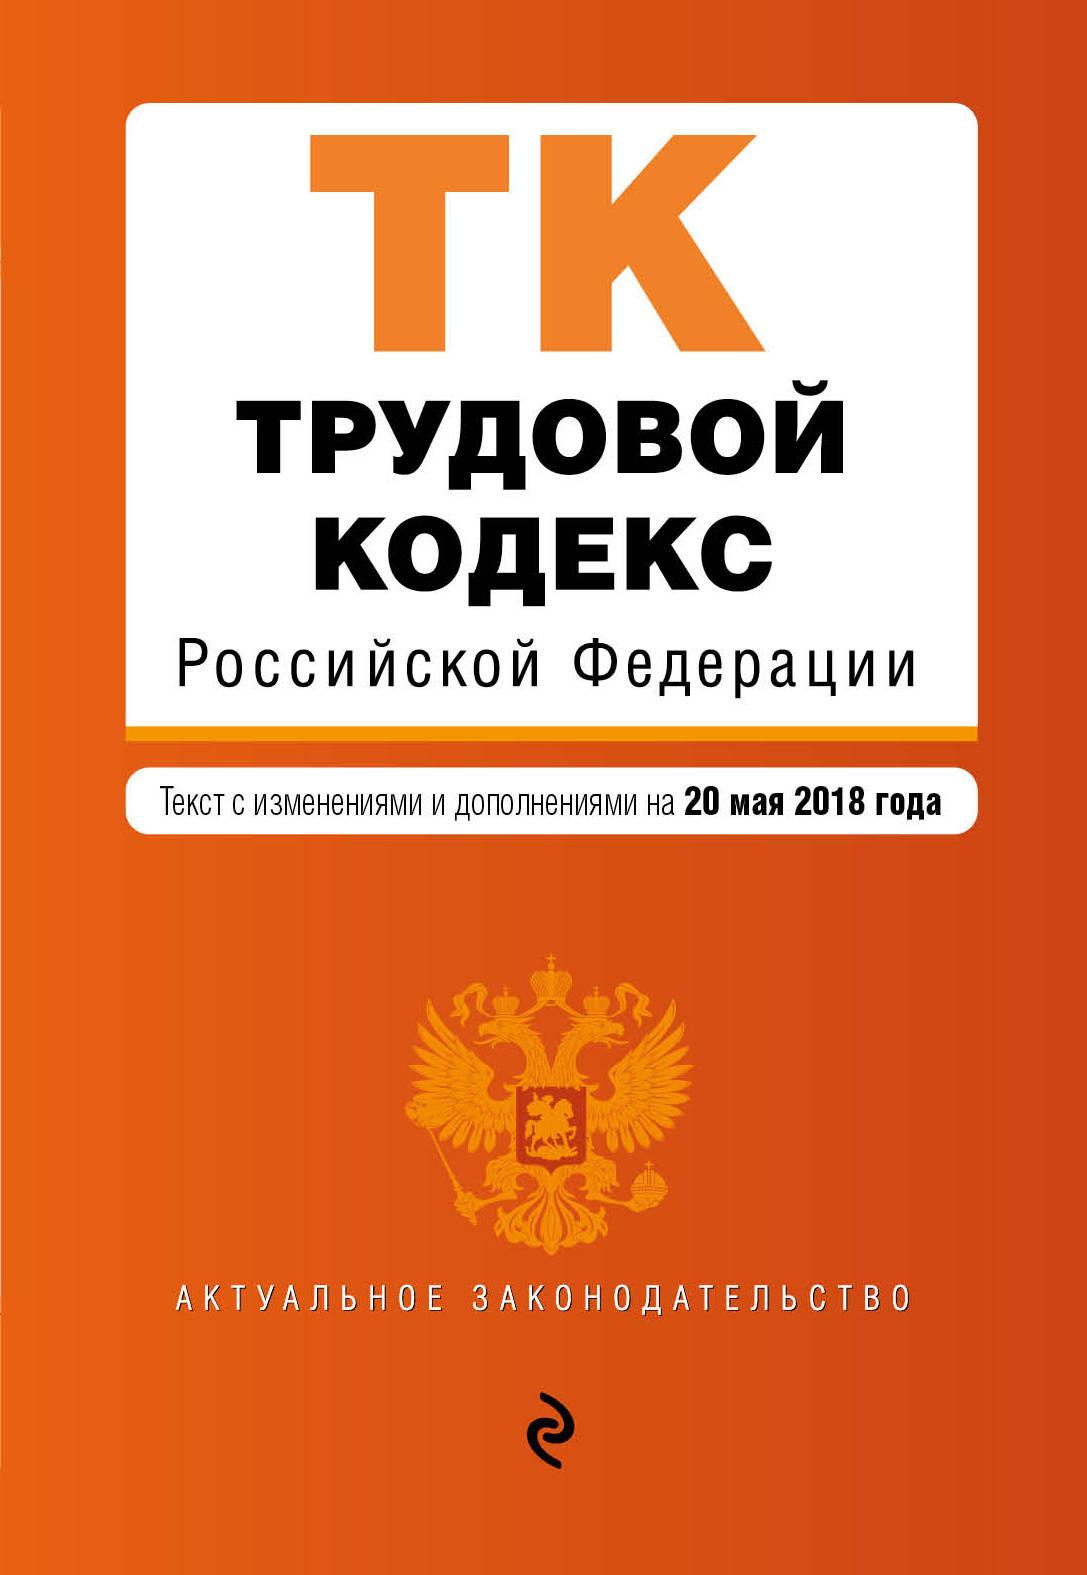 Трудовой кодекс Российской Федерации. Текст с изменениями и дополнениями на 20 мая 2018 г.